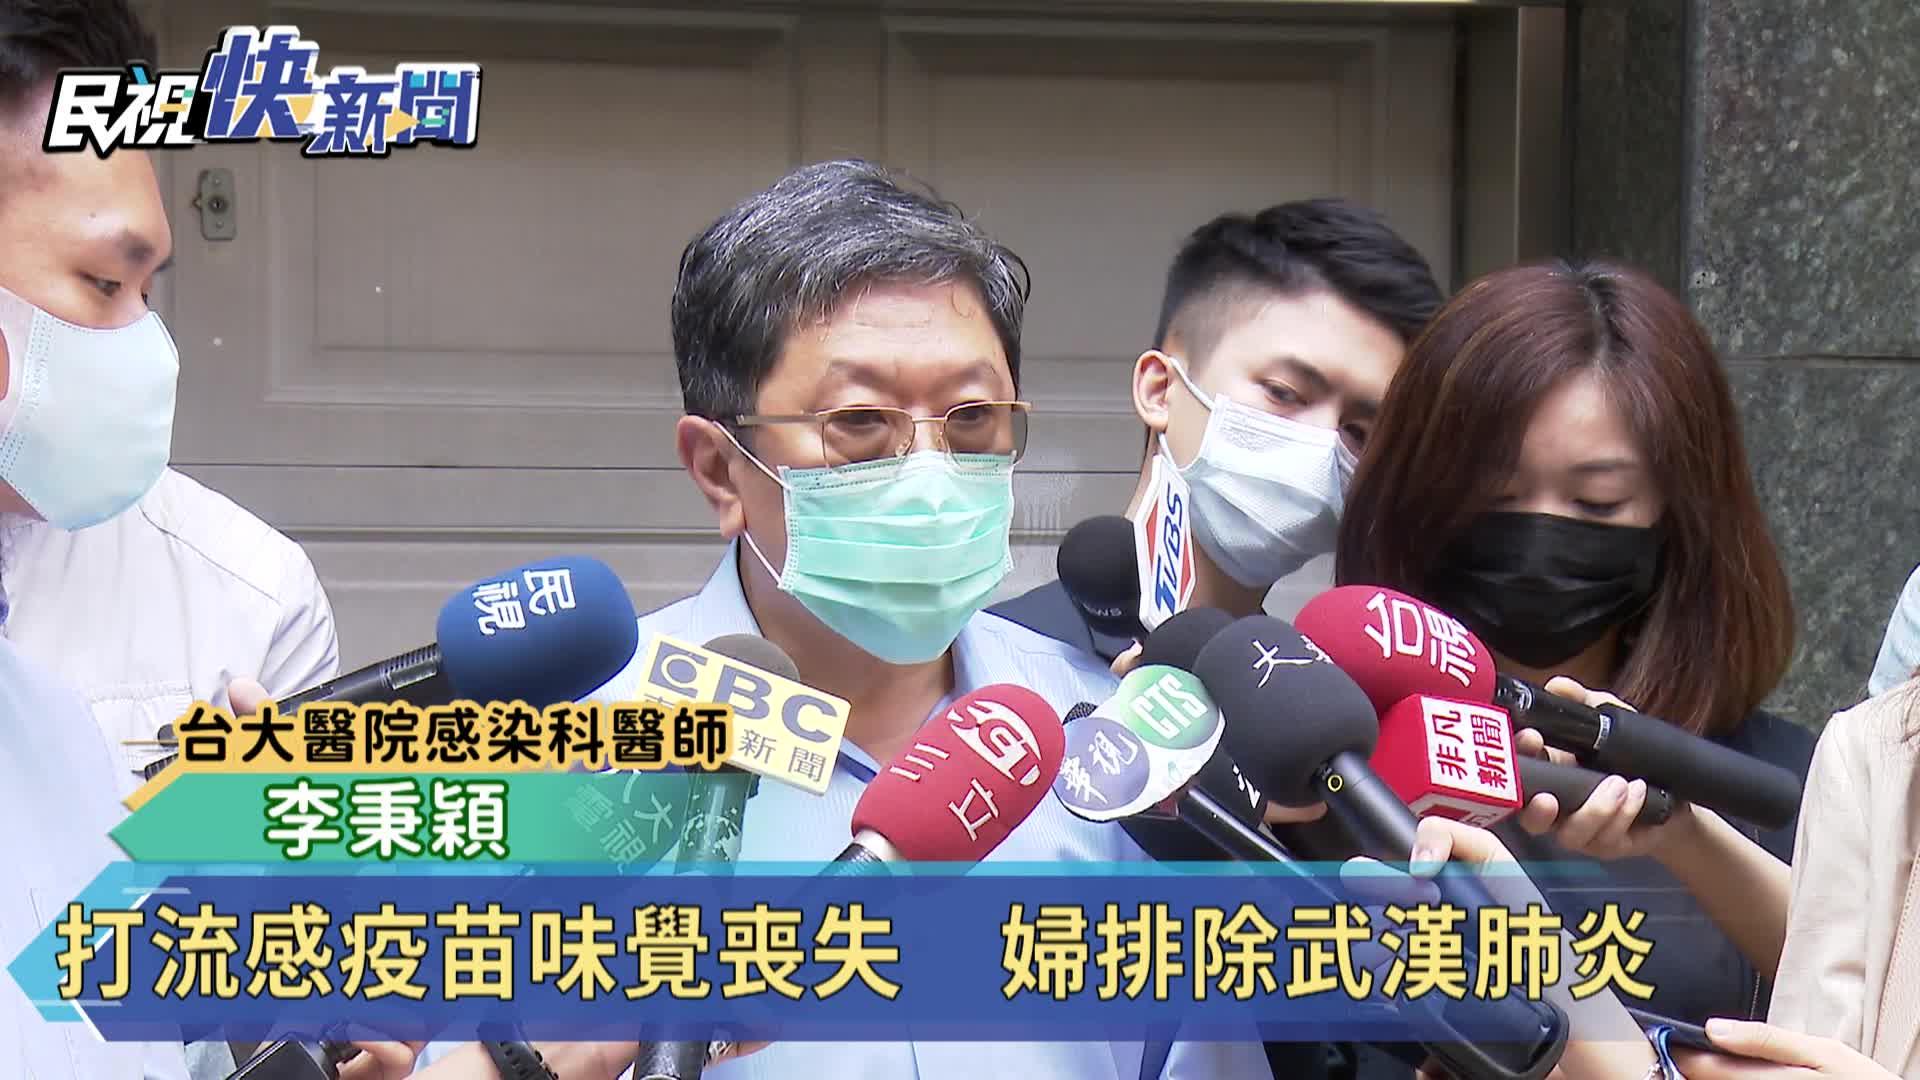 打流感疫苗味覺喪失 婦排除武漢肺炎